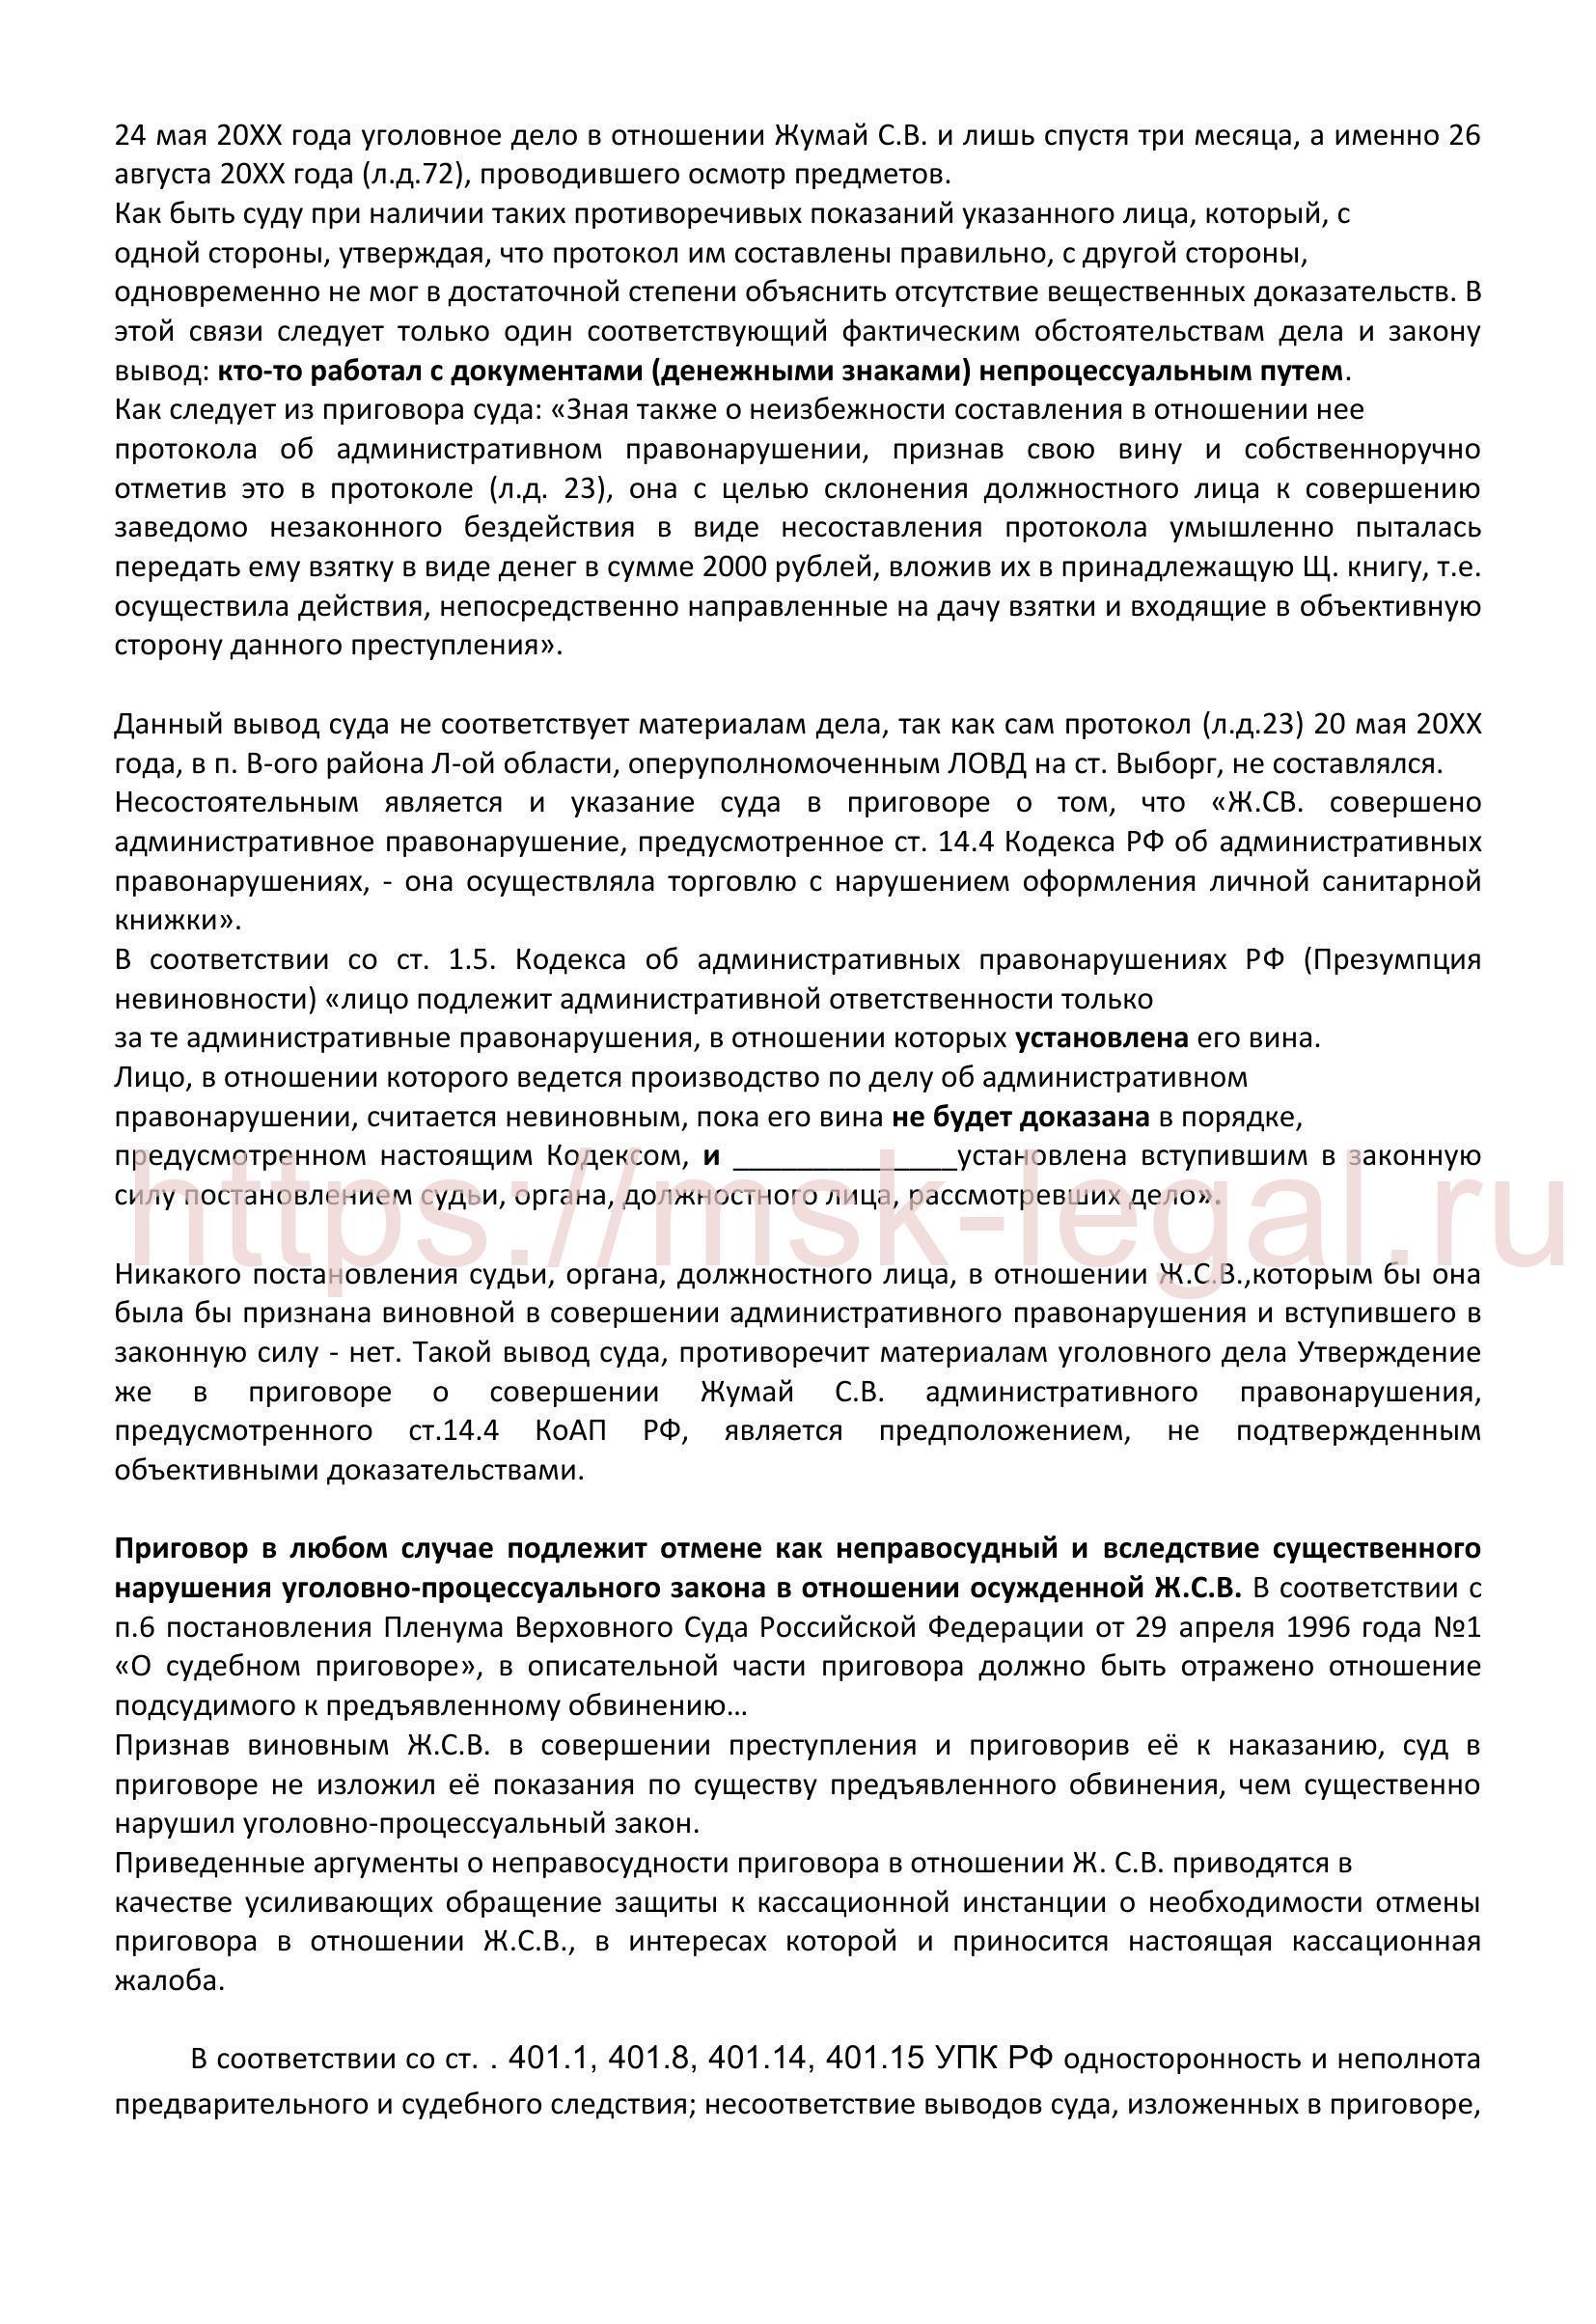 Кассационная жалоба на приговор по ст. 291 УК РФ